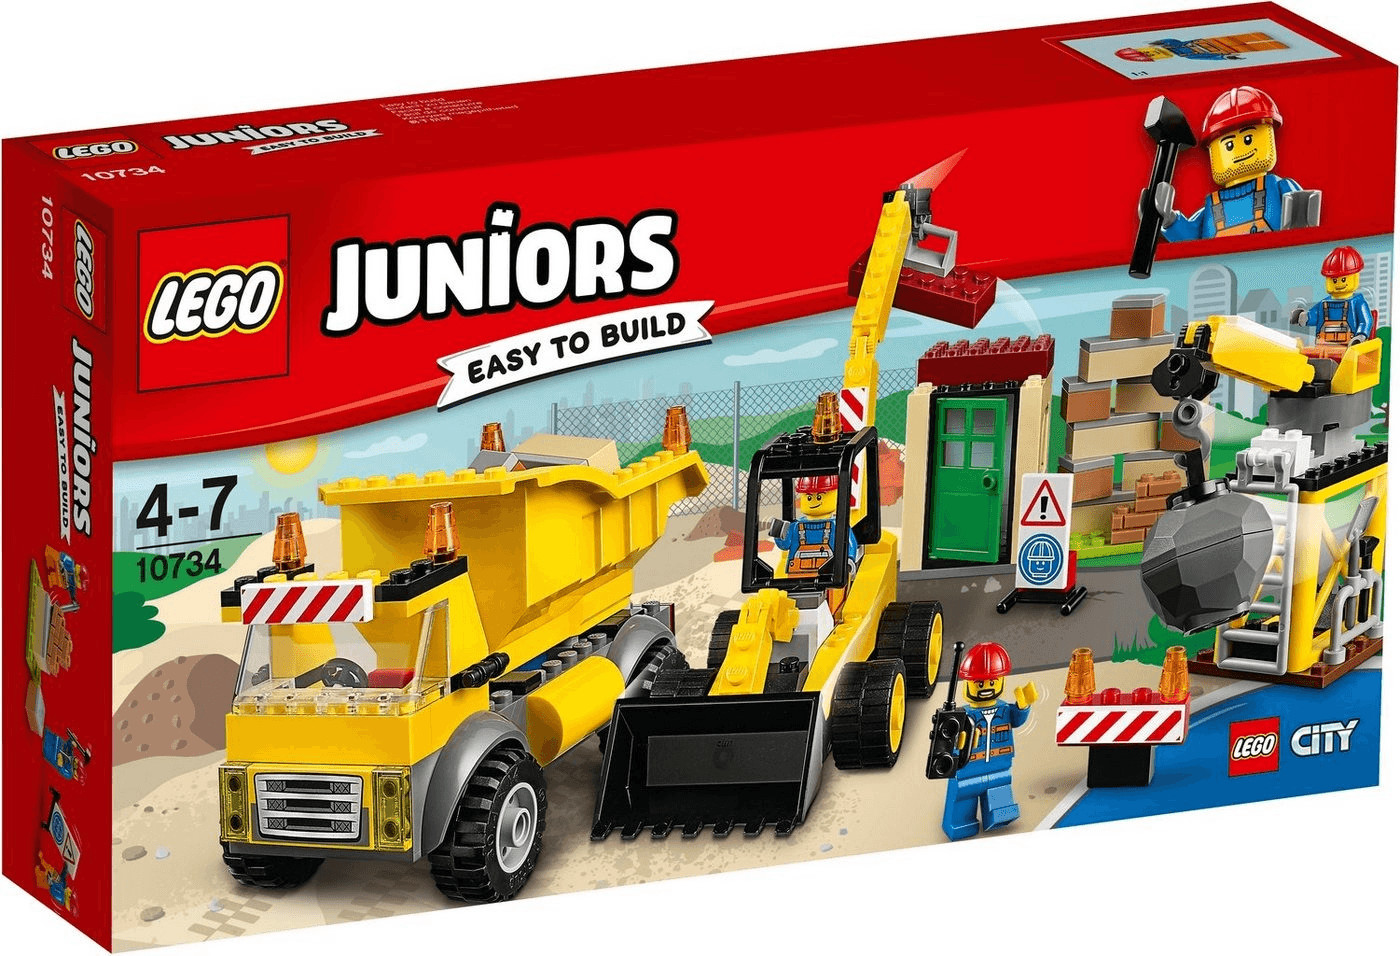 LEGO Juniors - Große Baustelle (10734)